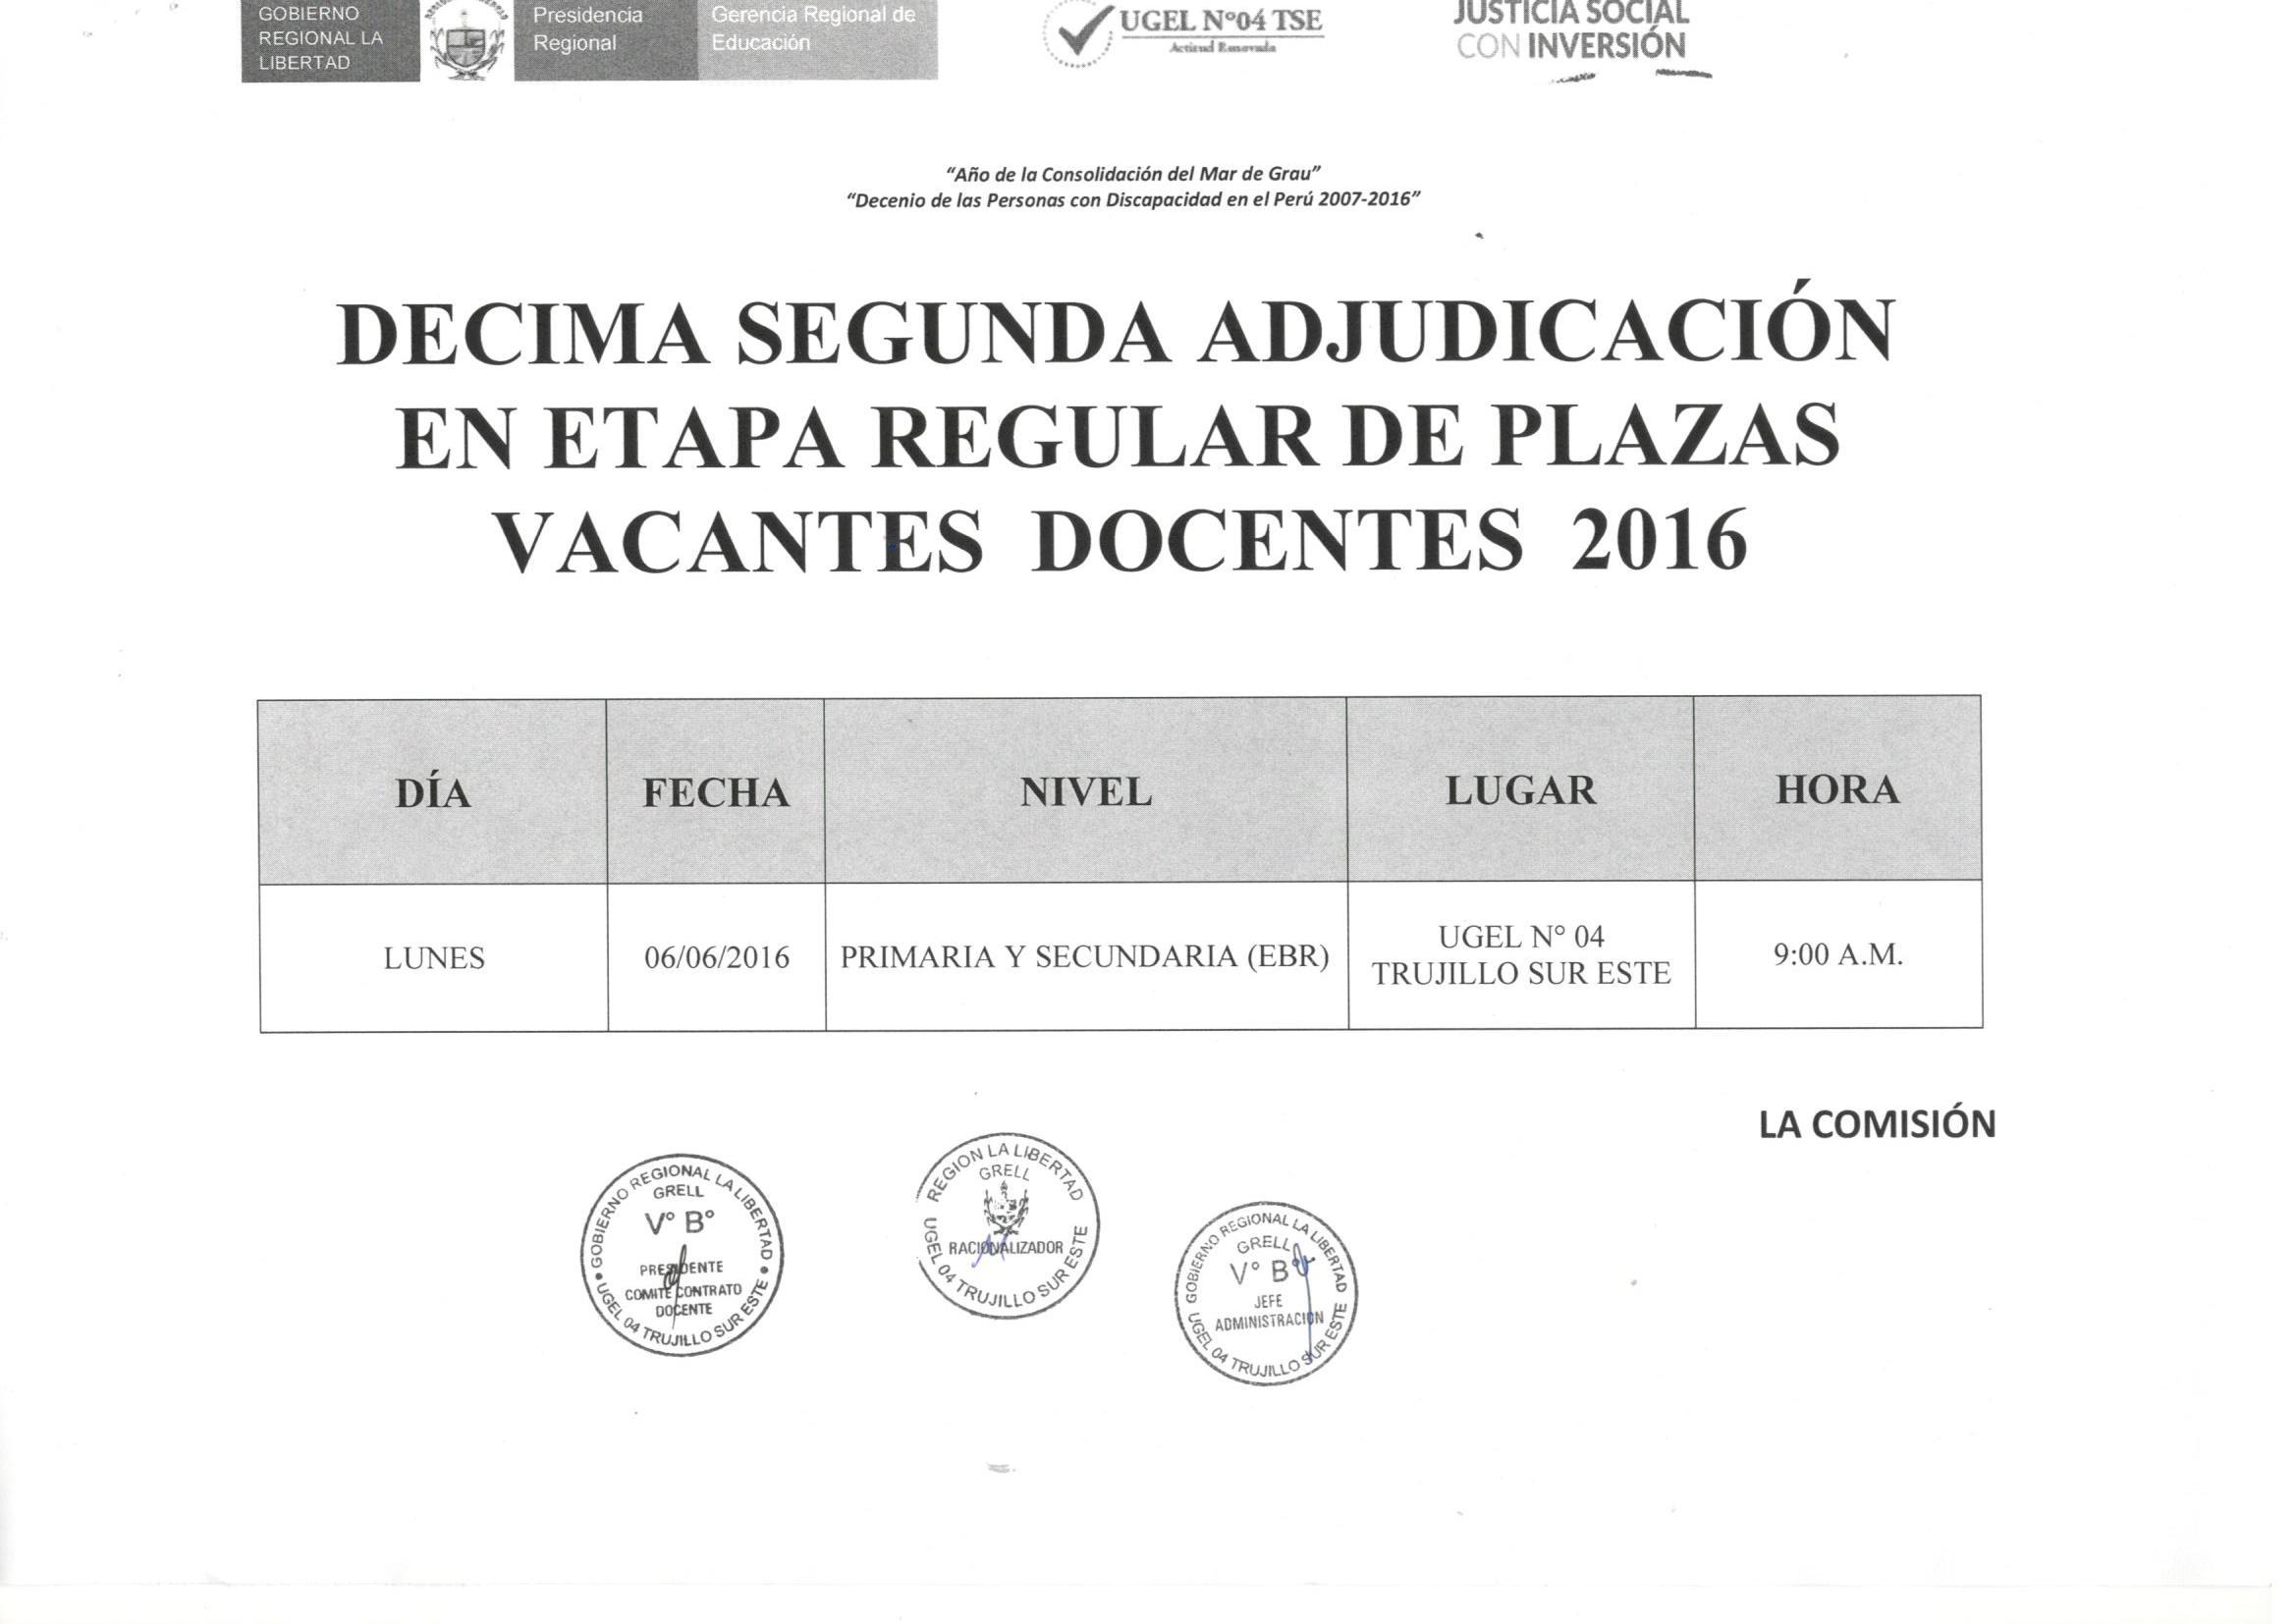 D cima segunda adjudicaci n y relaci n de plazas en etapa for Plazas de docentes 2016